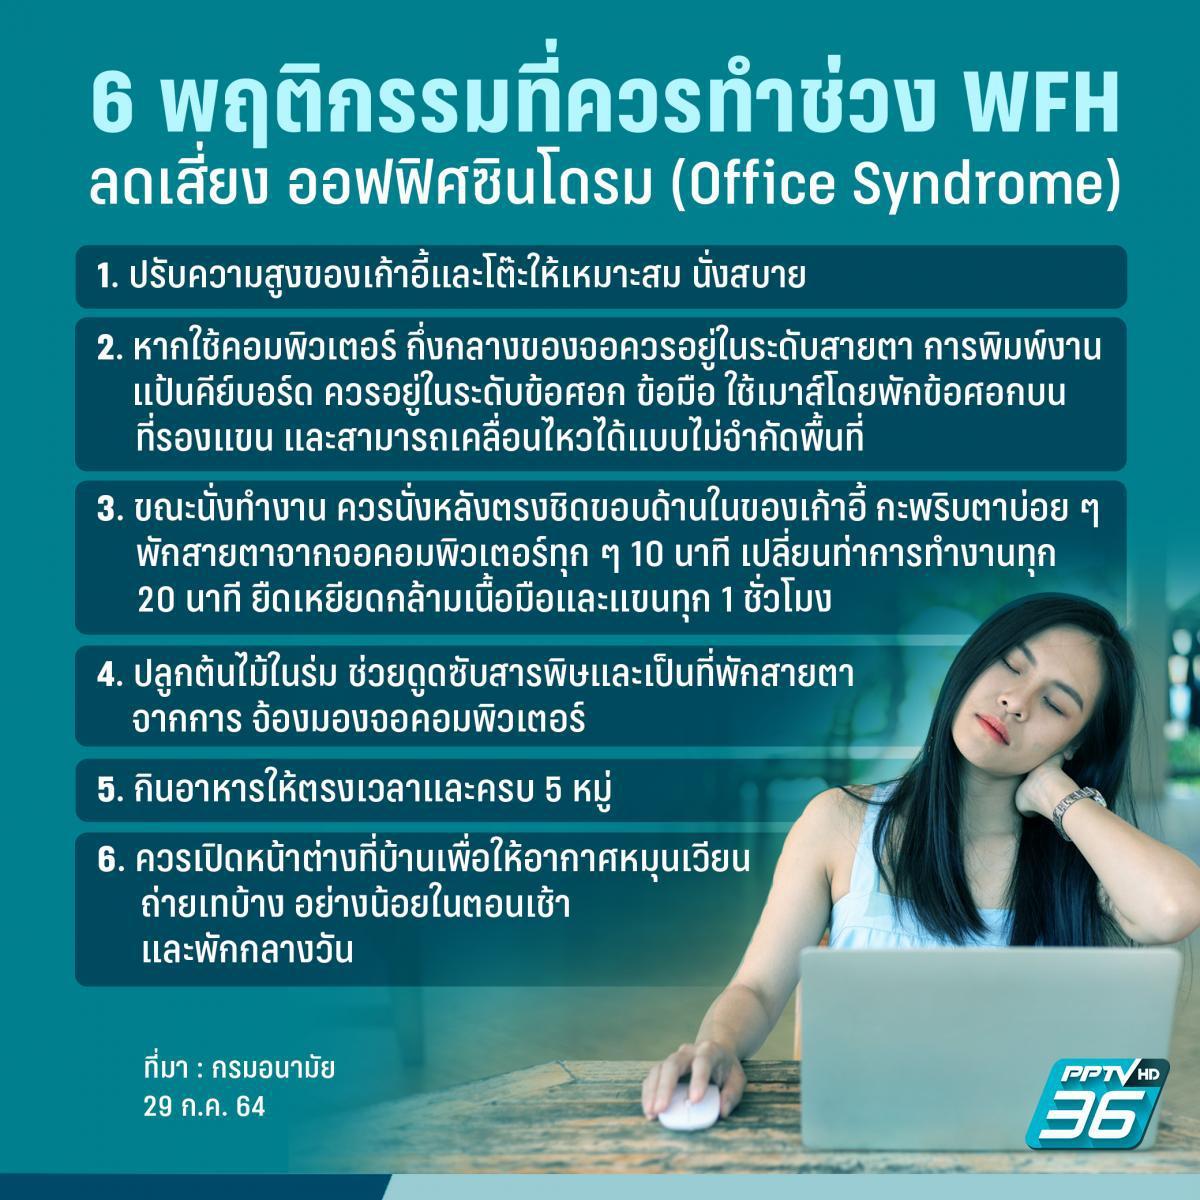 แนะ 6 วิธี ปรับเปลี่ยนพฤติกรรม Work from home ลดเสี่ยงเป็นออฟฟิศซินโดรม